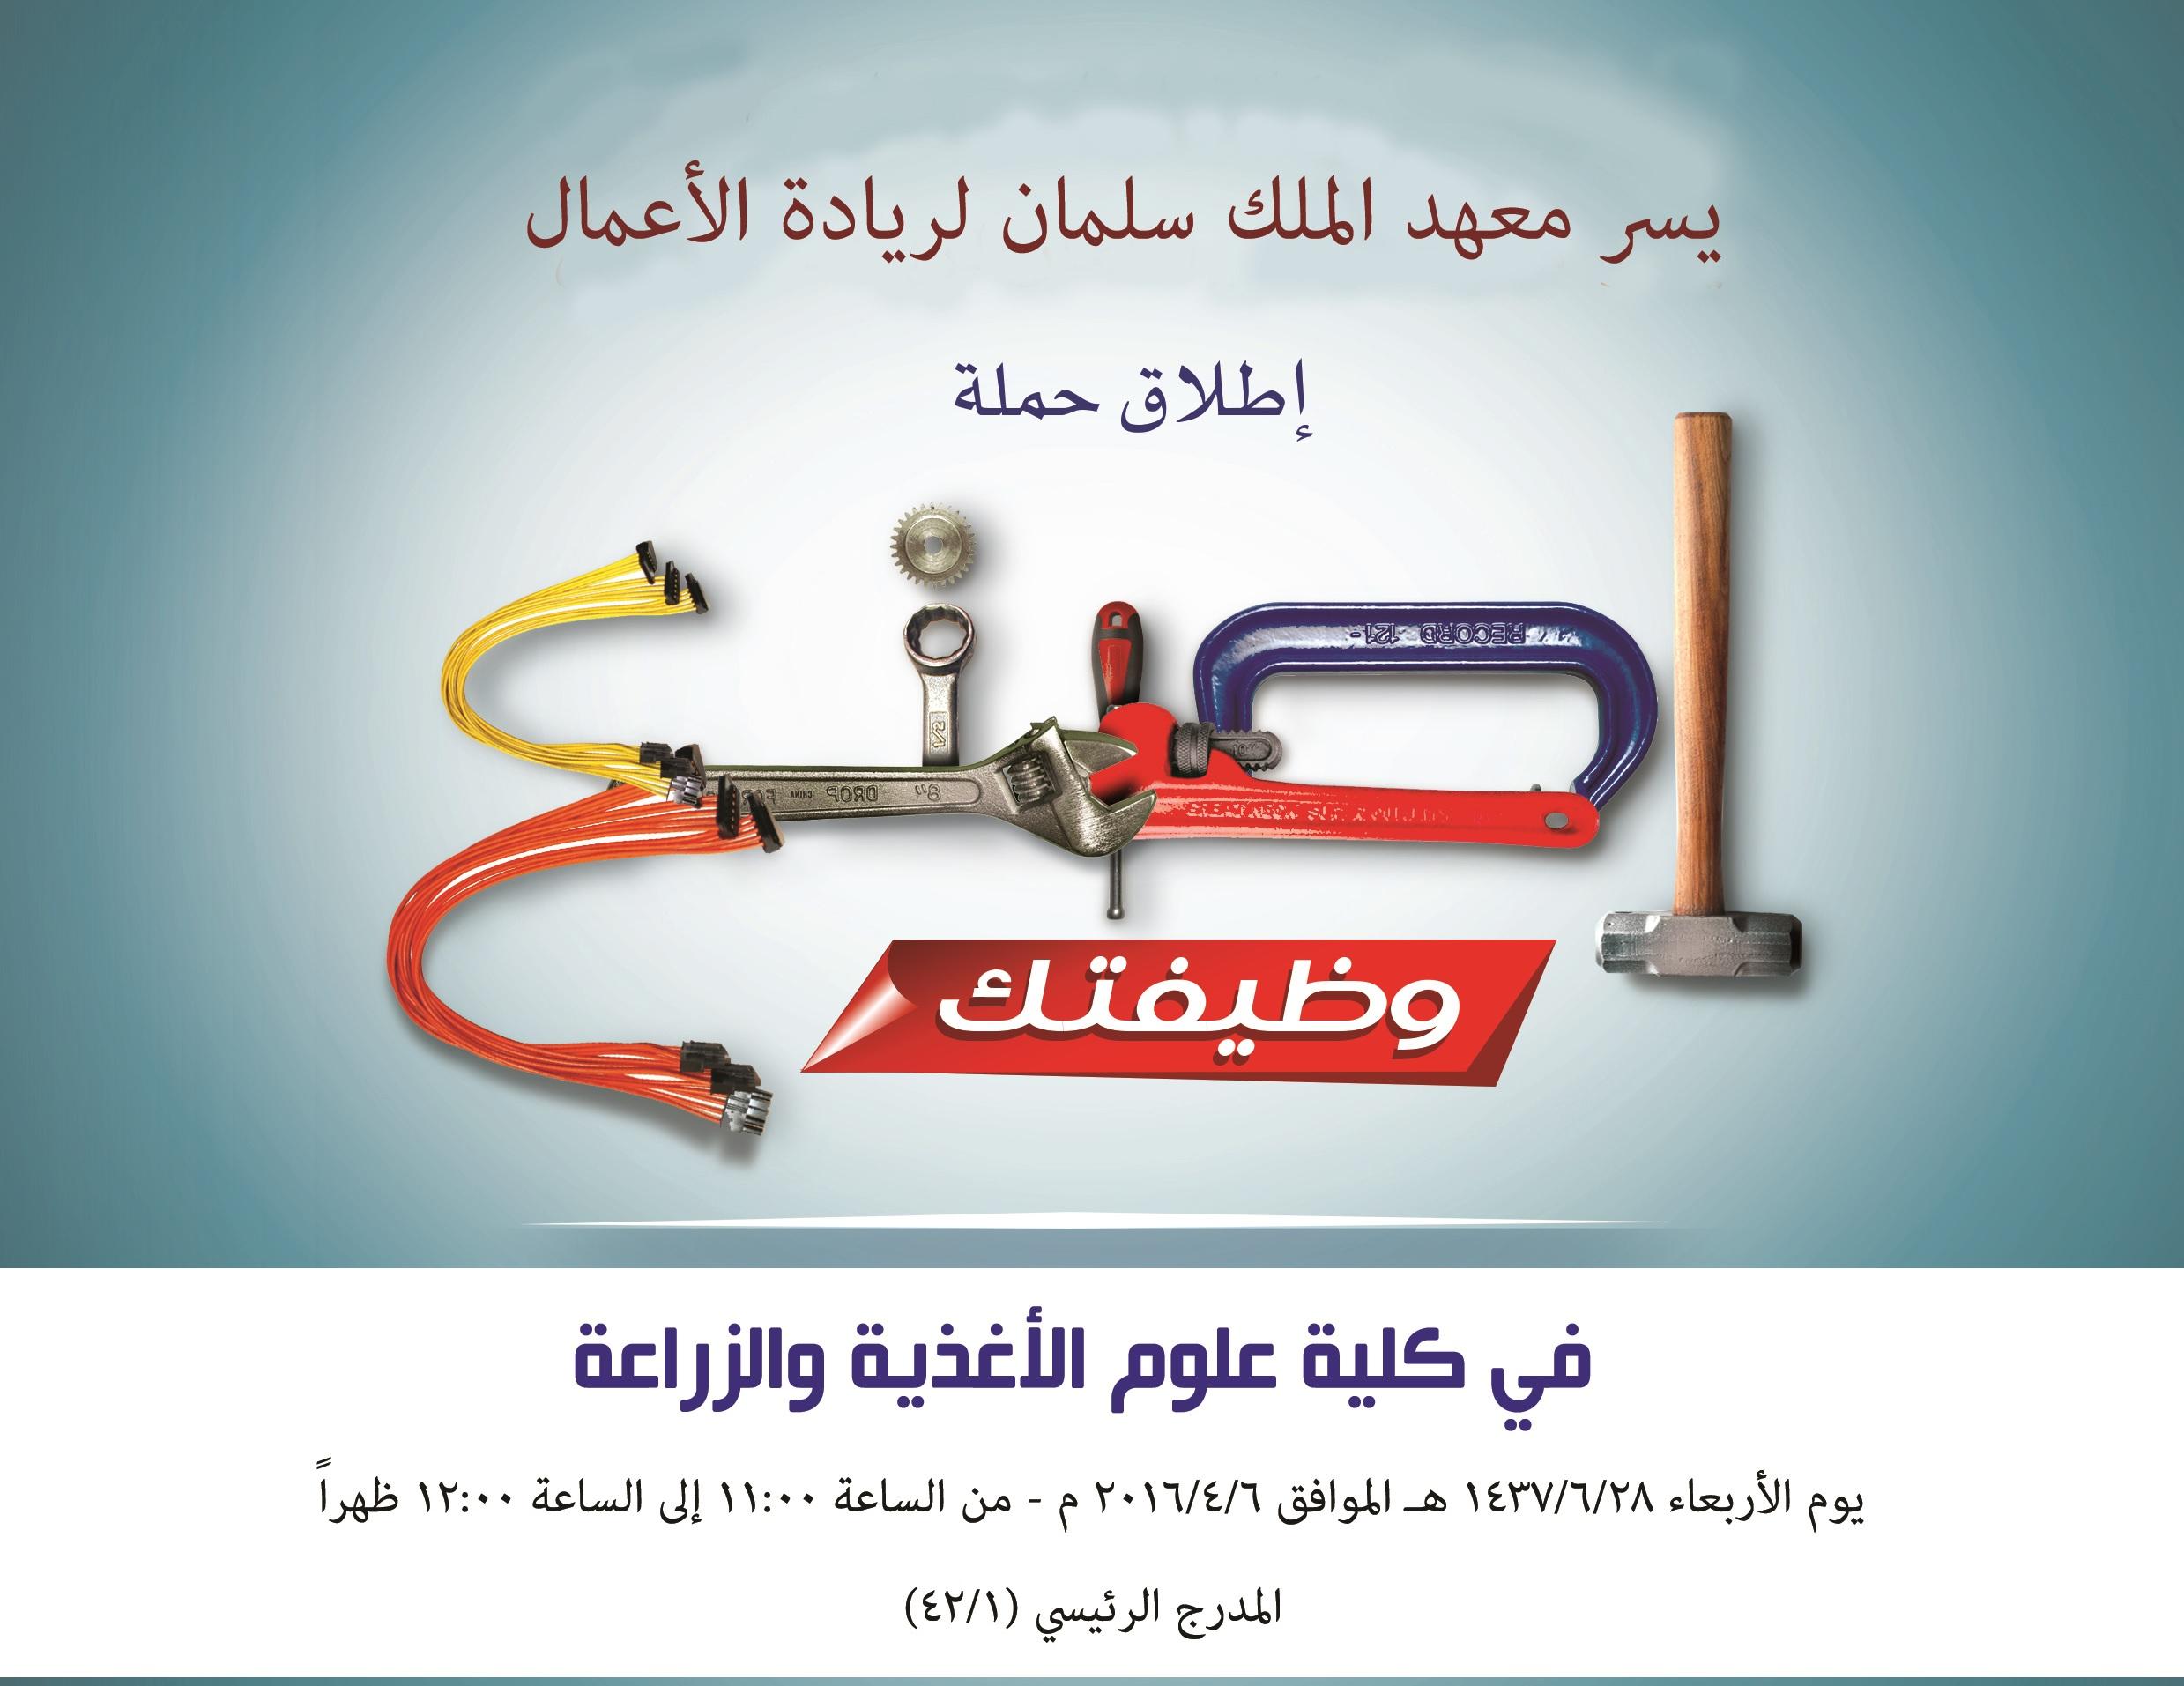 حملة إصنع وظيفتك في كلية علوم الأغذية والزراعة - تقديم أ. مدحت ممدوح أحمد :: مستشار ريادة الأعمال